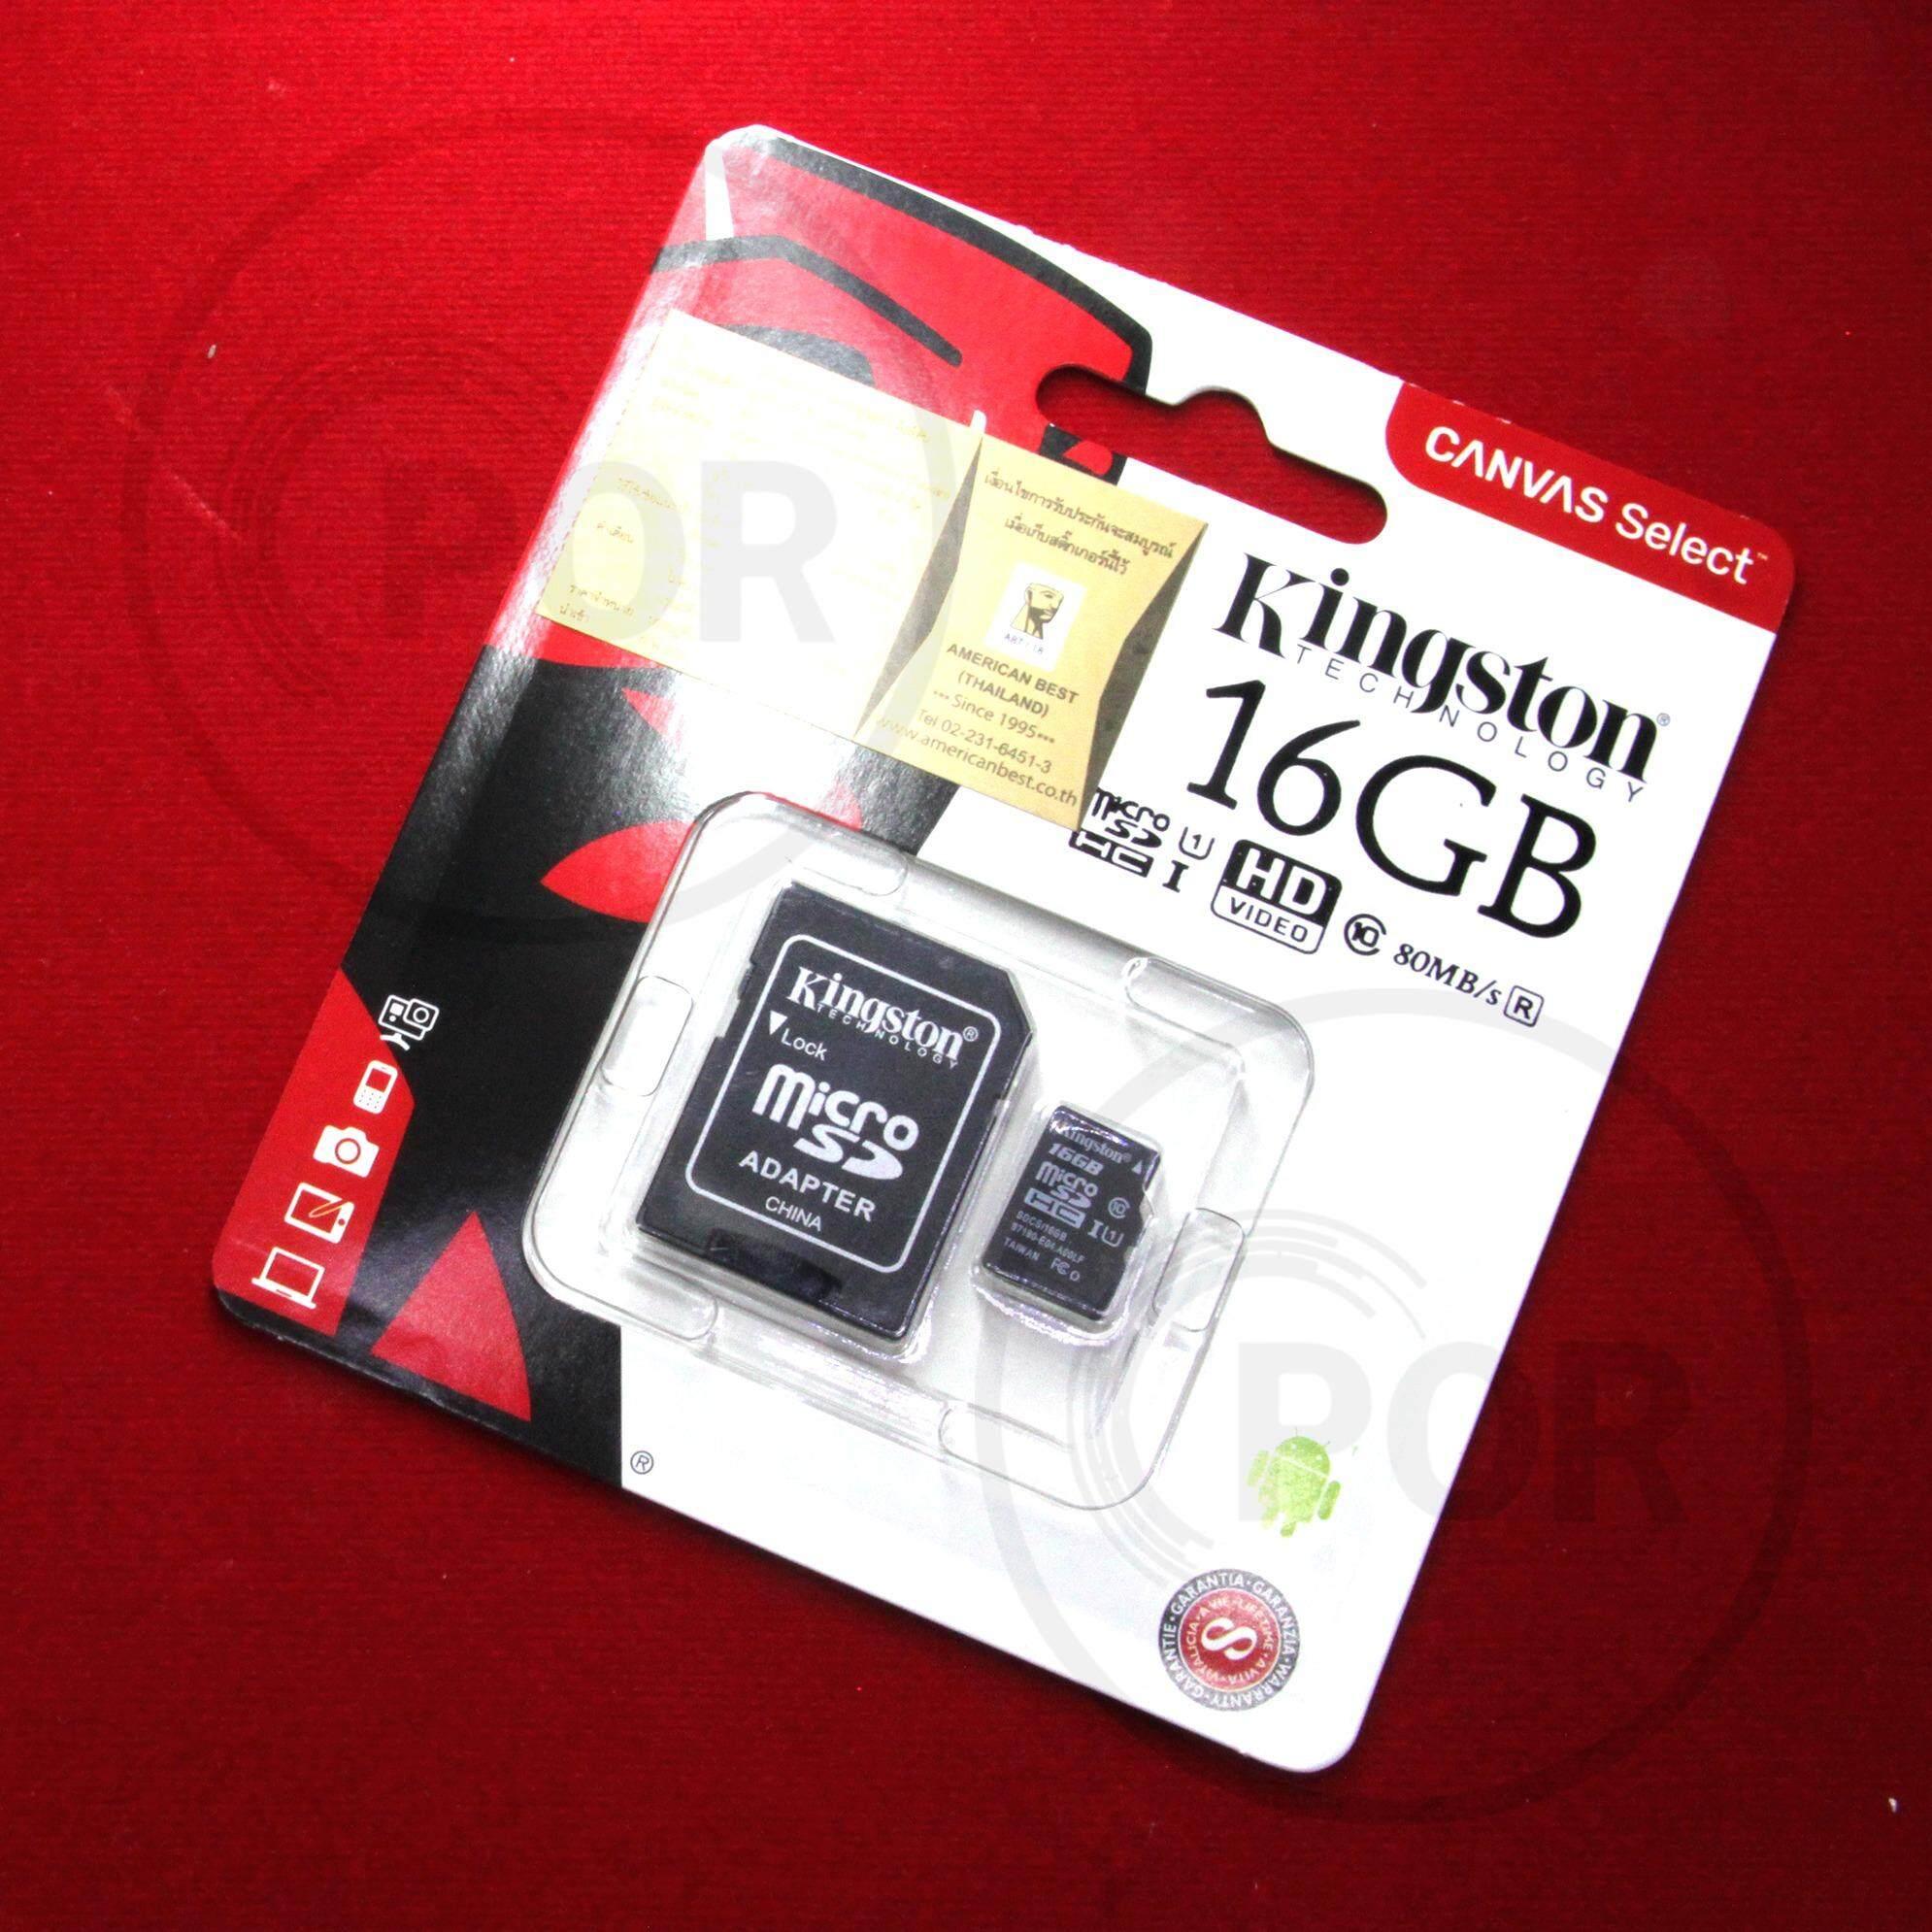 ขาย ของแท้ Kingston เมมโมรี่การ์ด 16Gb Sdhc Sdxc Class 10 Uhs I Micro Sd Card With Adapter Kingston ออนไลน์